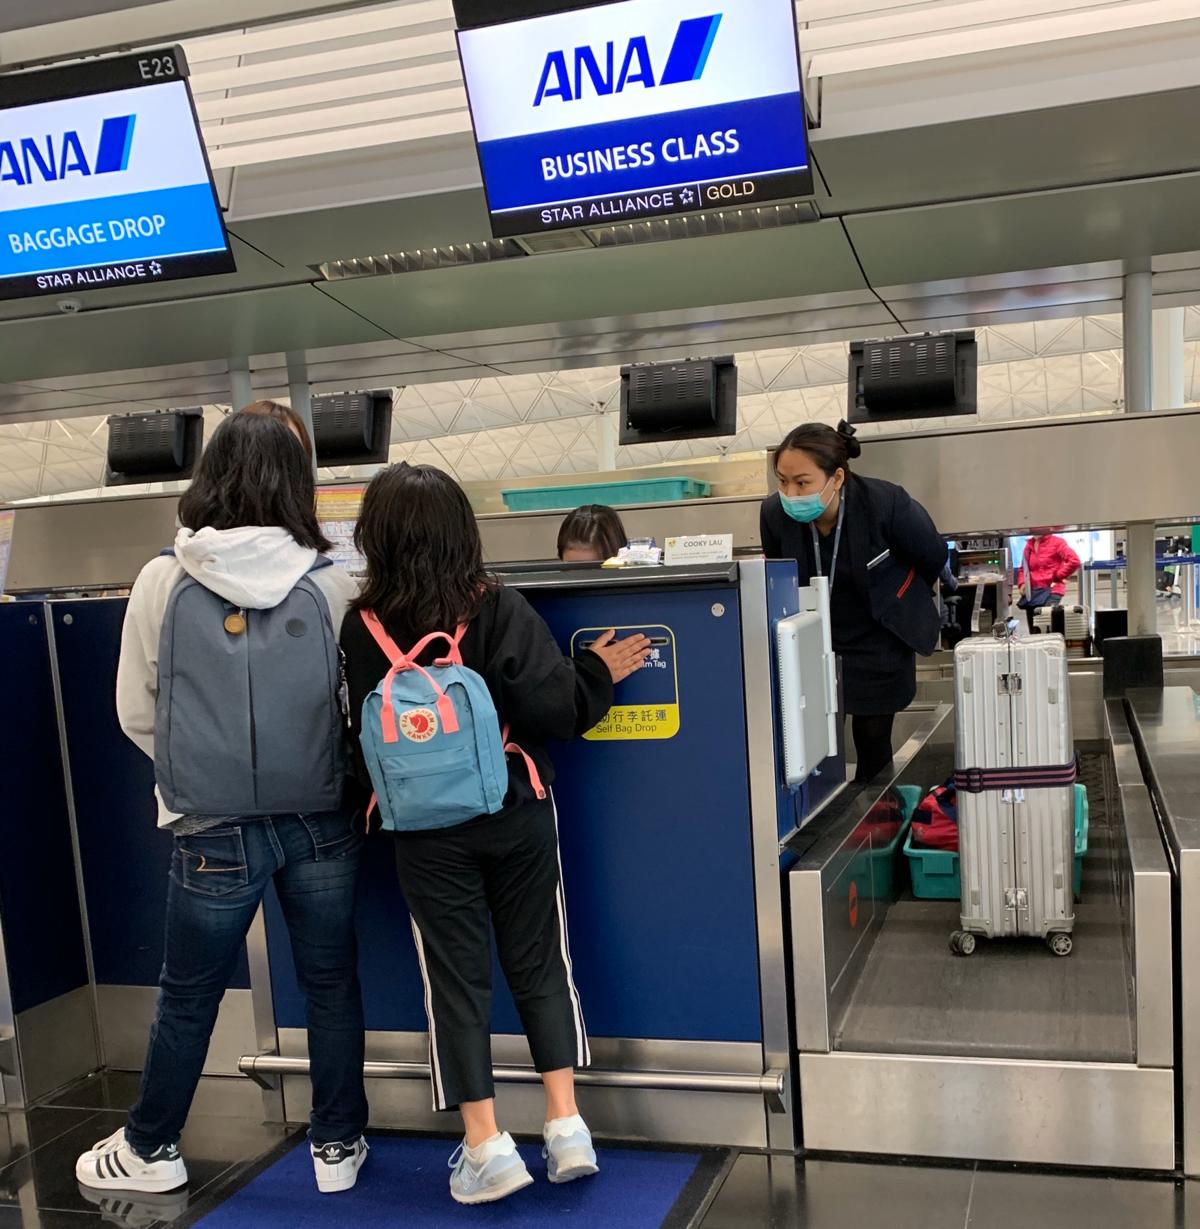 全日空のサービスの「ANAエアポートサポート」を使って、香港から子供だけで飛行機に乗って日本に帰省した